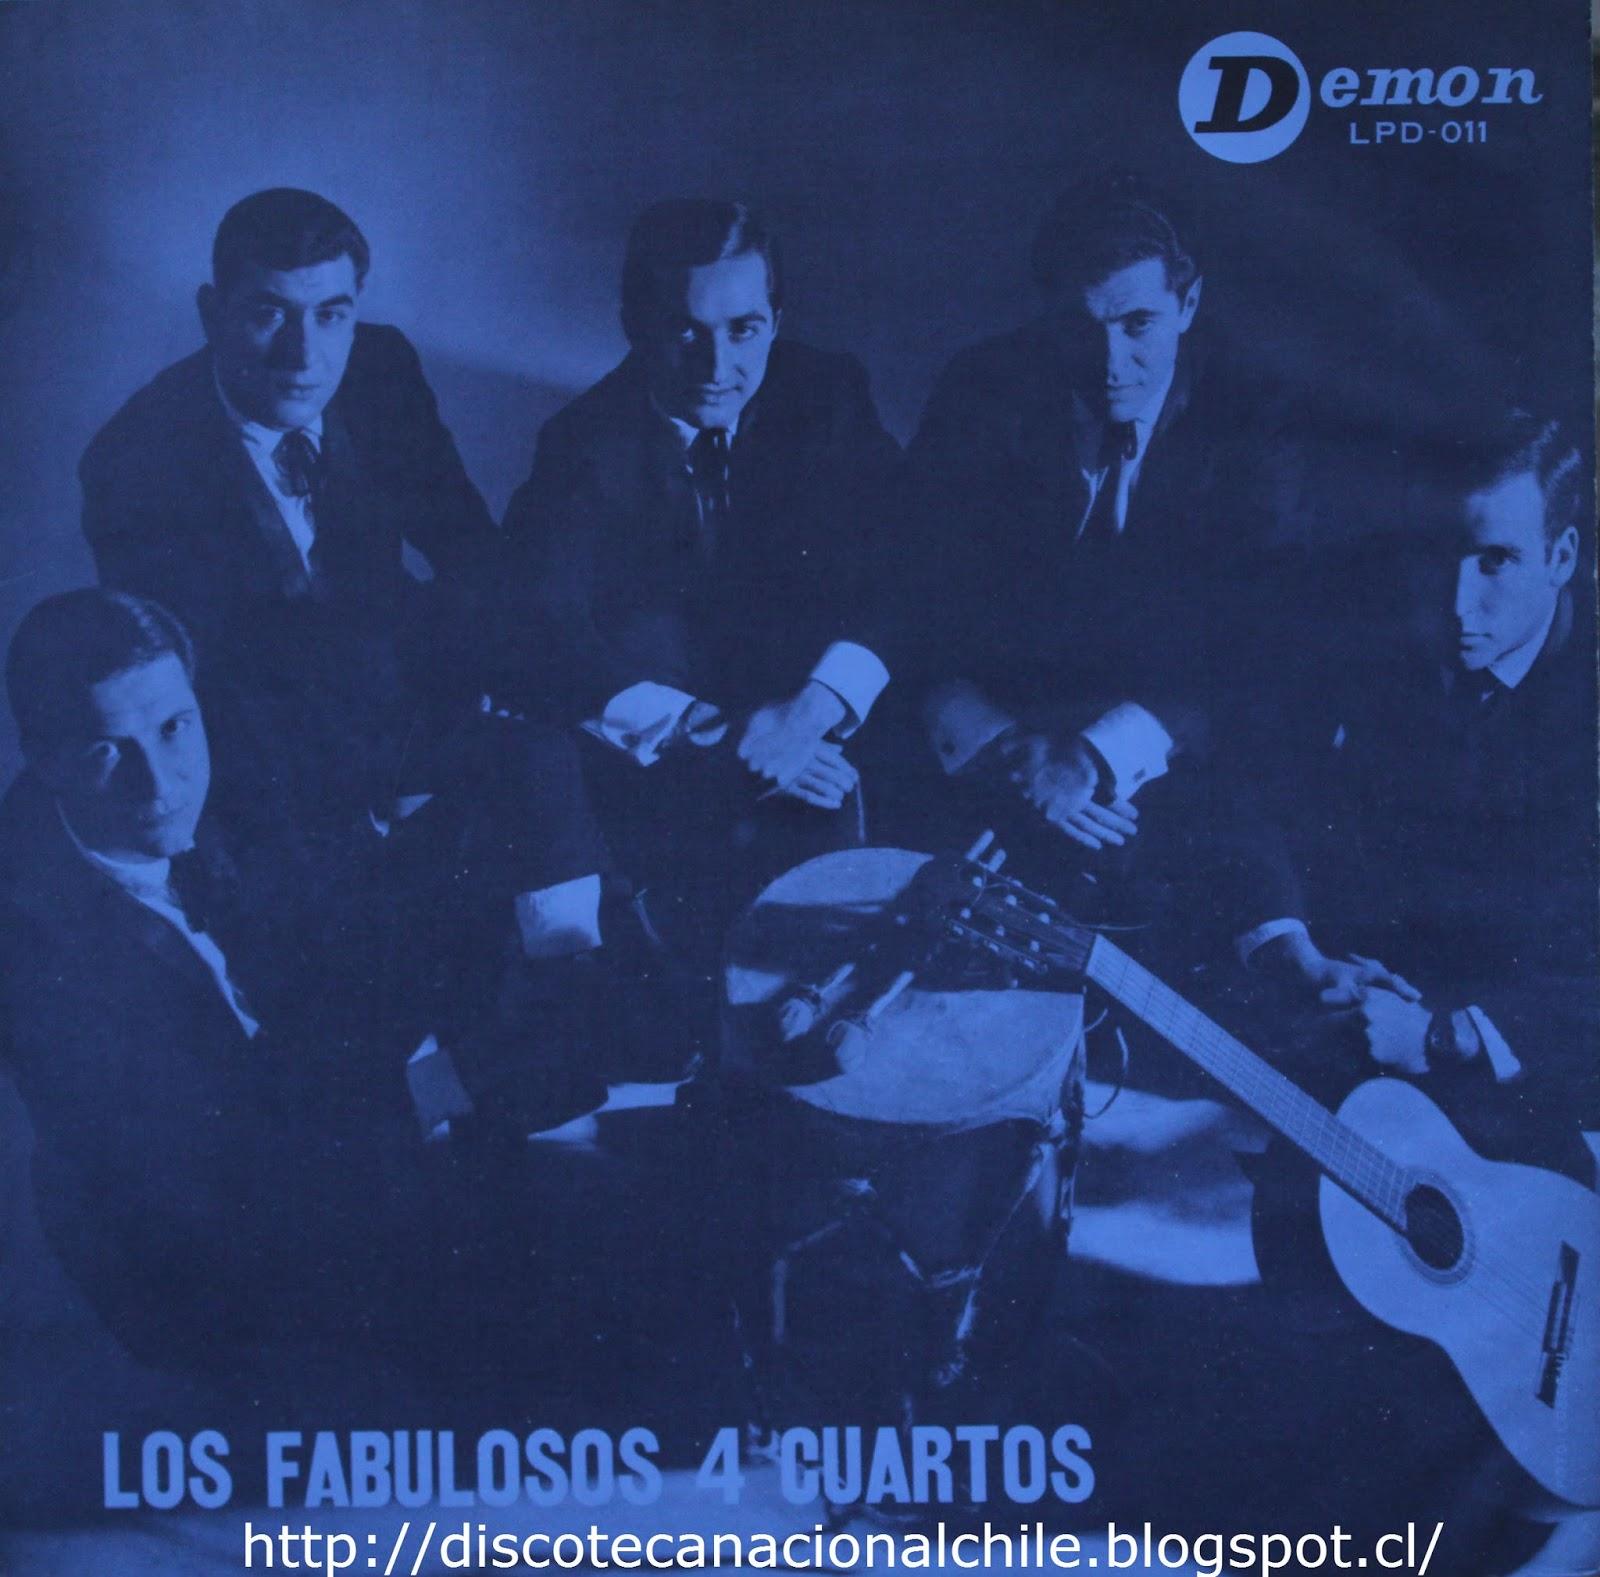 Discoteca Nacional Chile: Los Cuatro Cuartos: Los fabulosos Cuatro ...